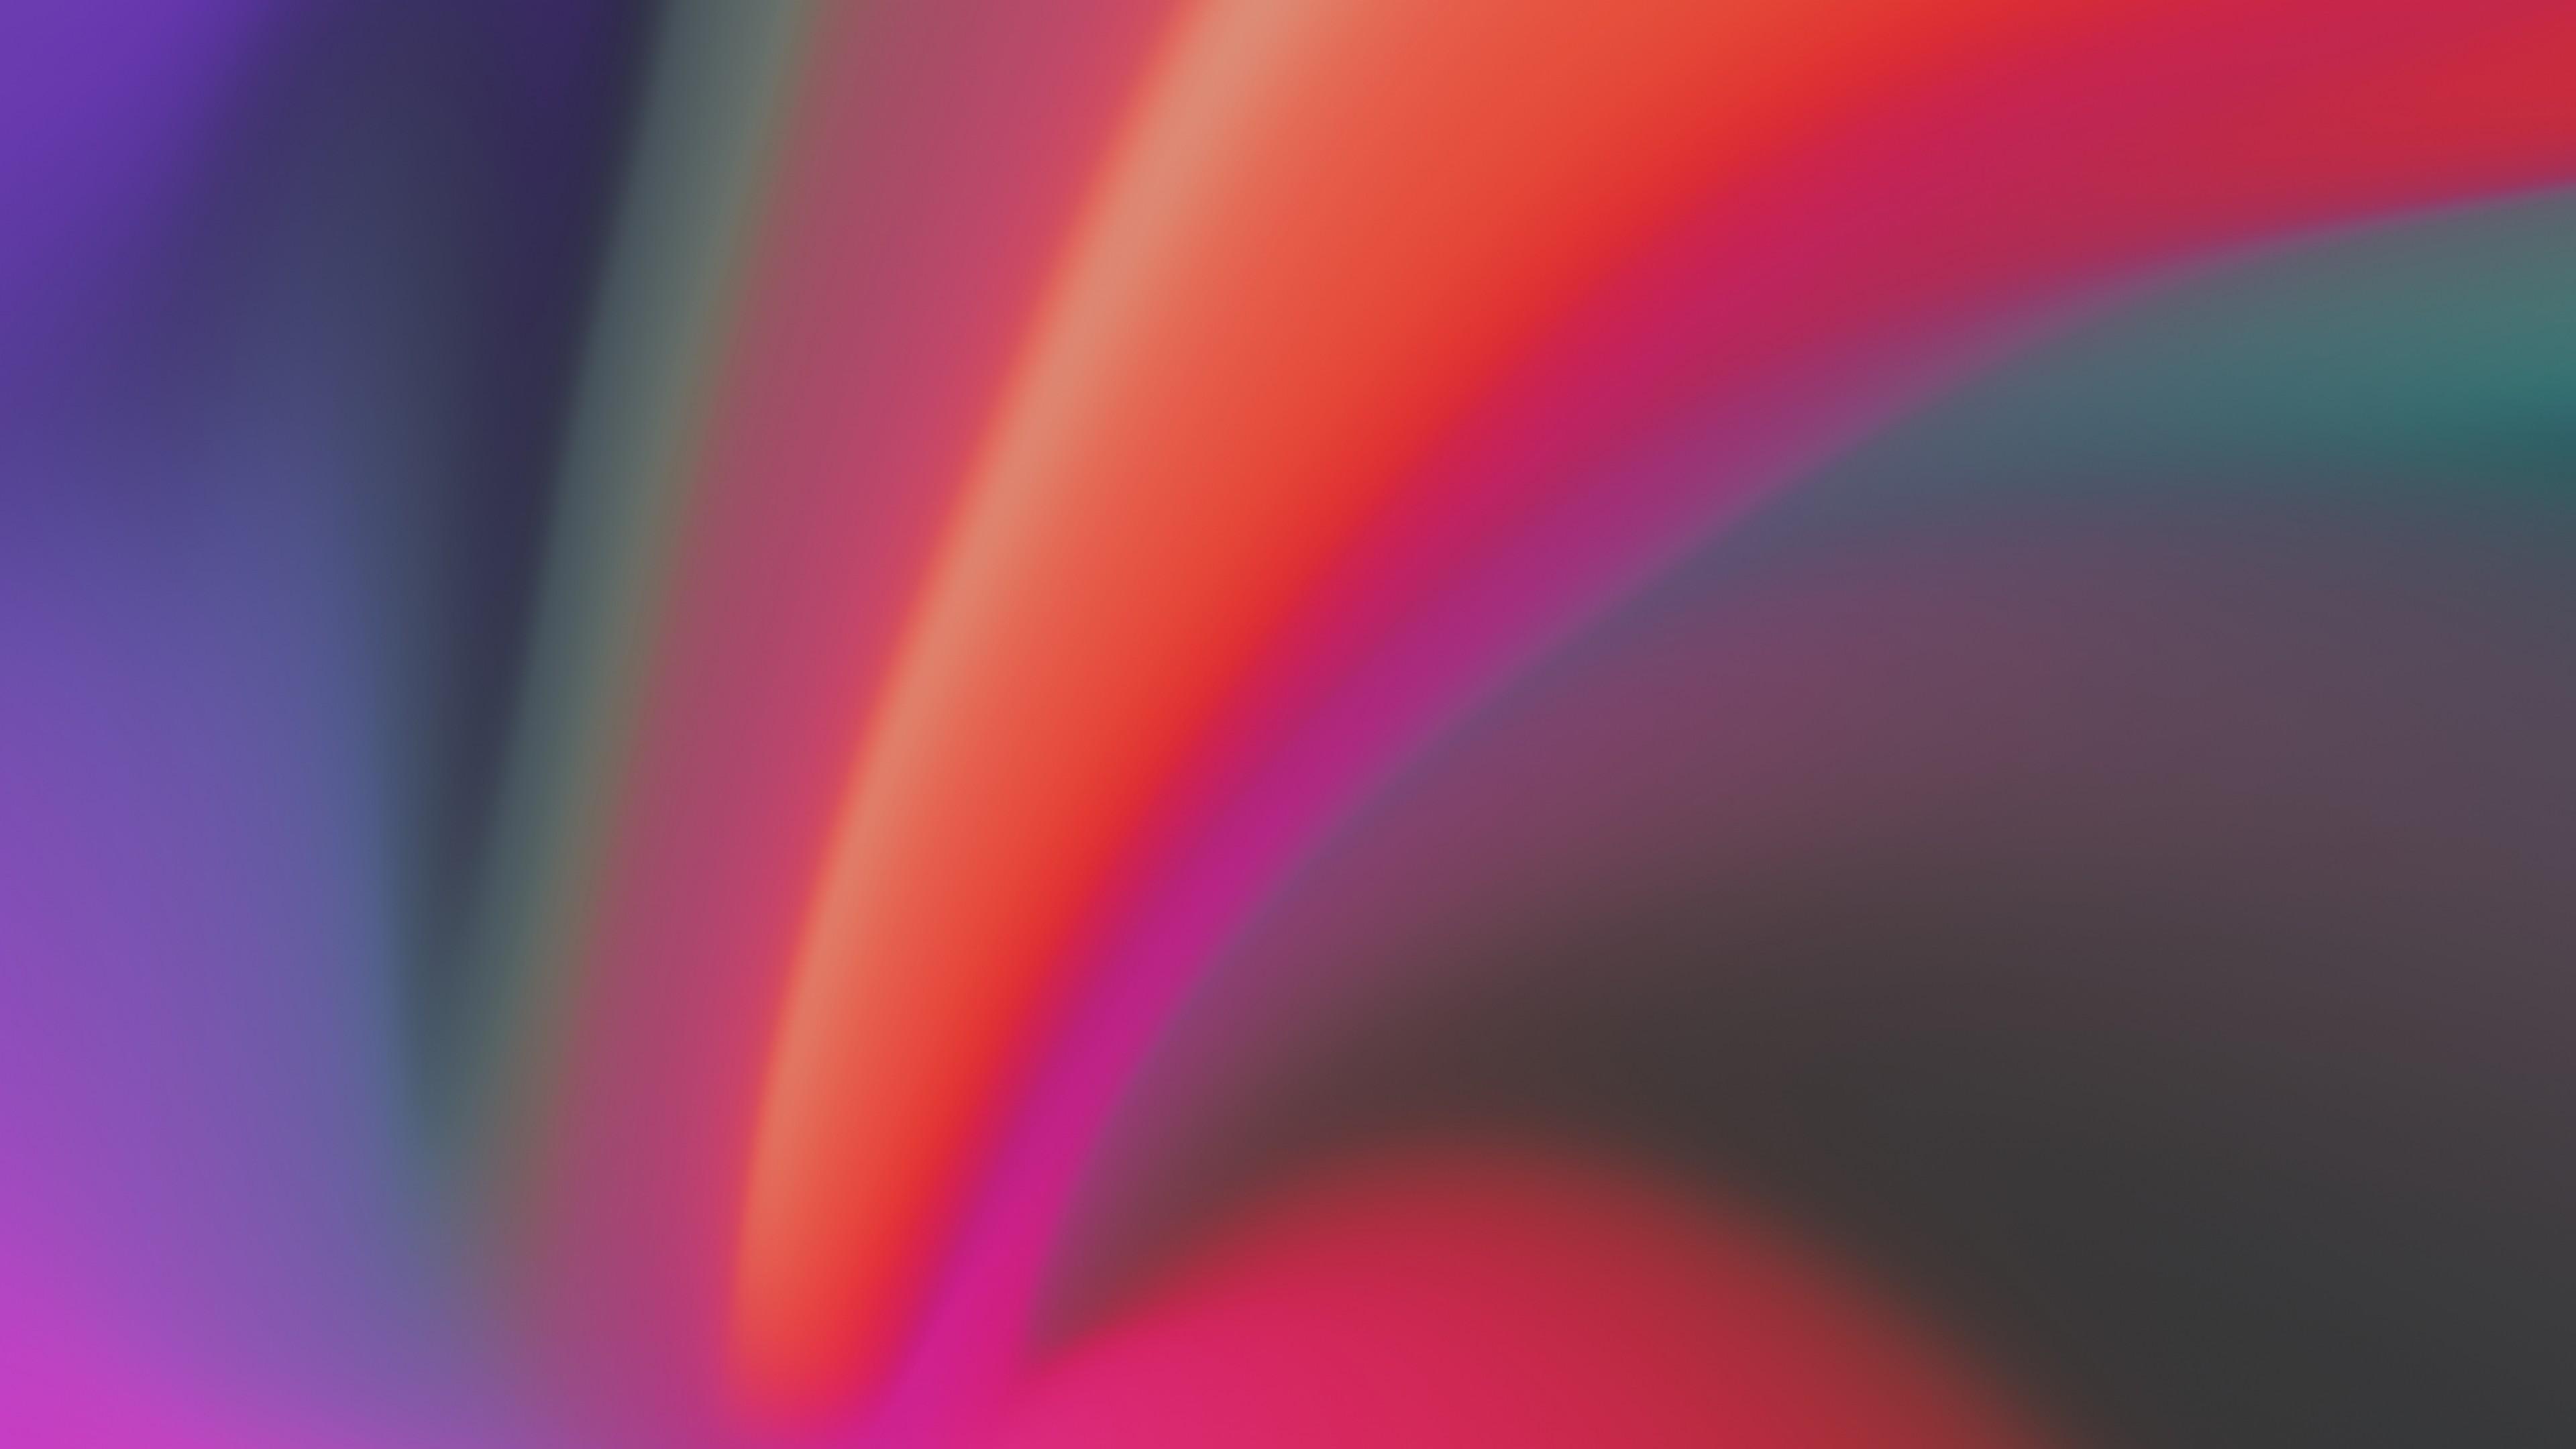 Фон разноцветной дуги в лучах и бликах солнечного света